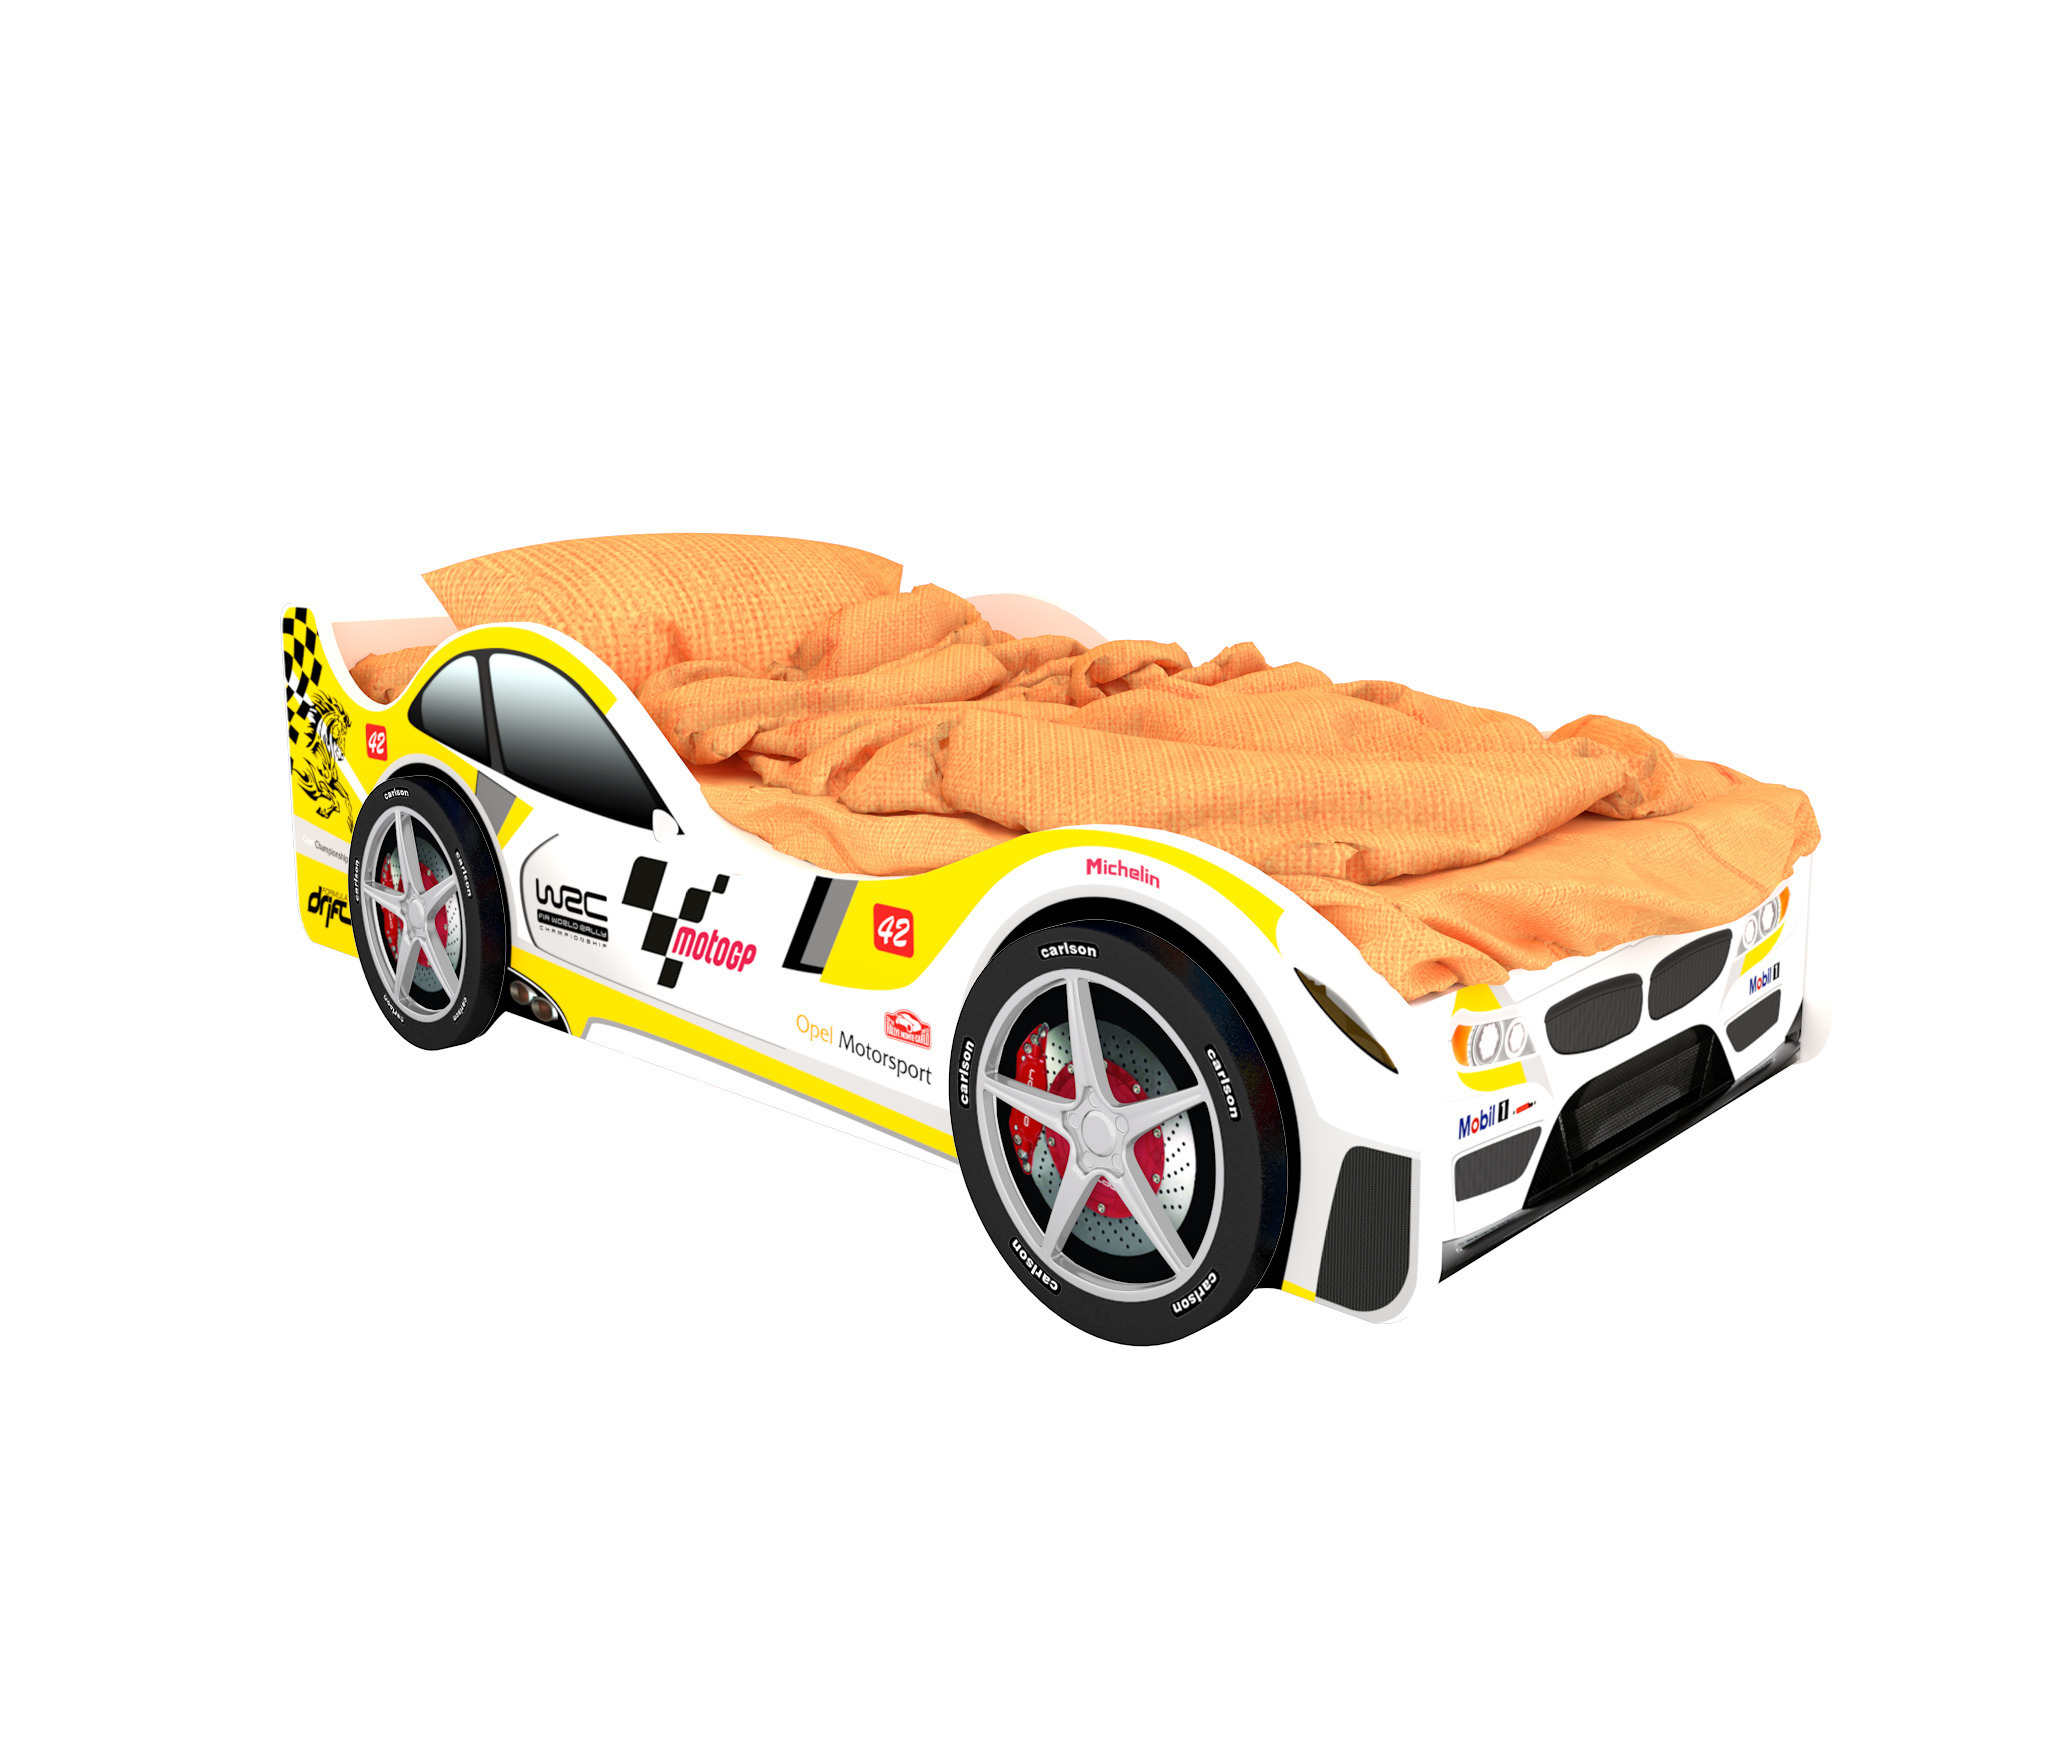 Кровать машина СочиКровати - машины<br><br><br>Длина мм: 1700<br>Высота мм: 500<br>Глубина мм: 750